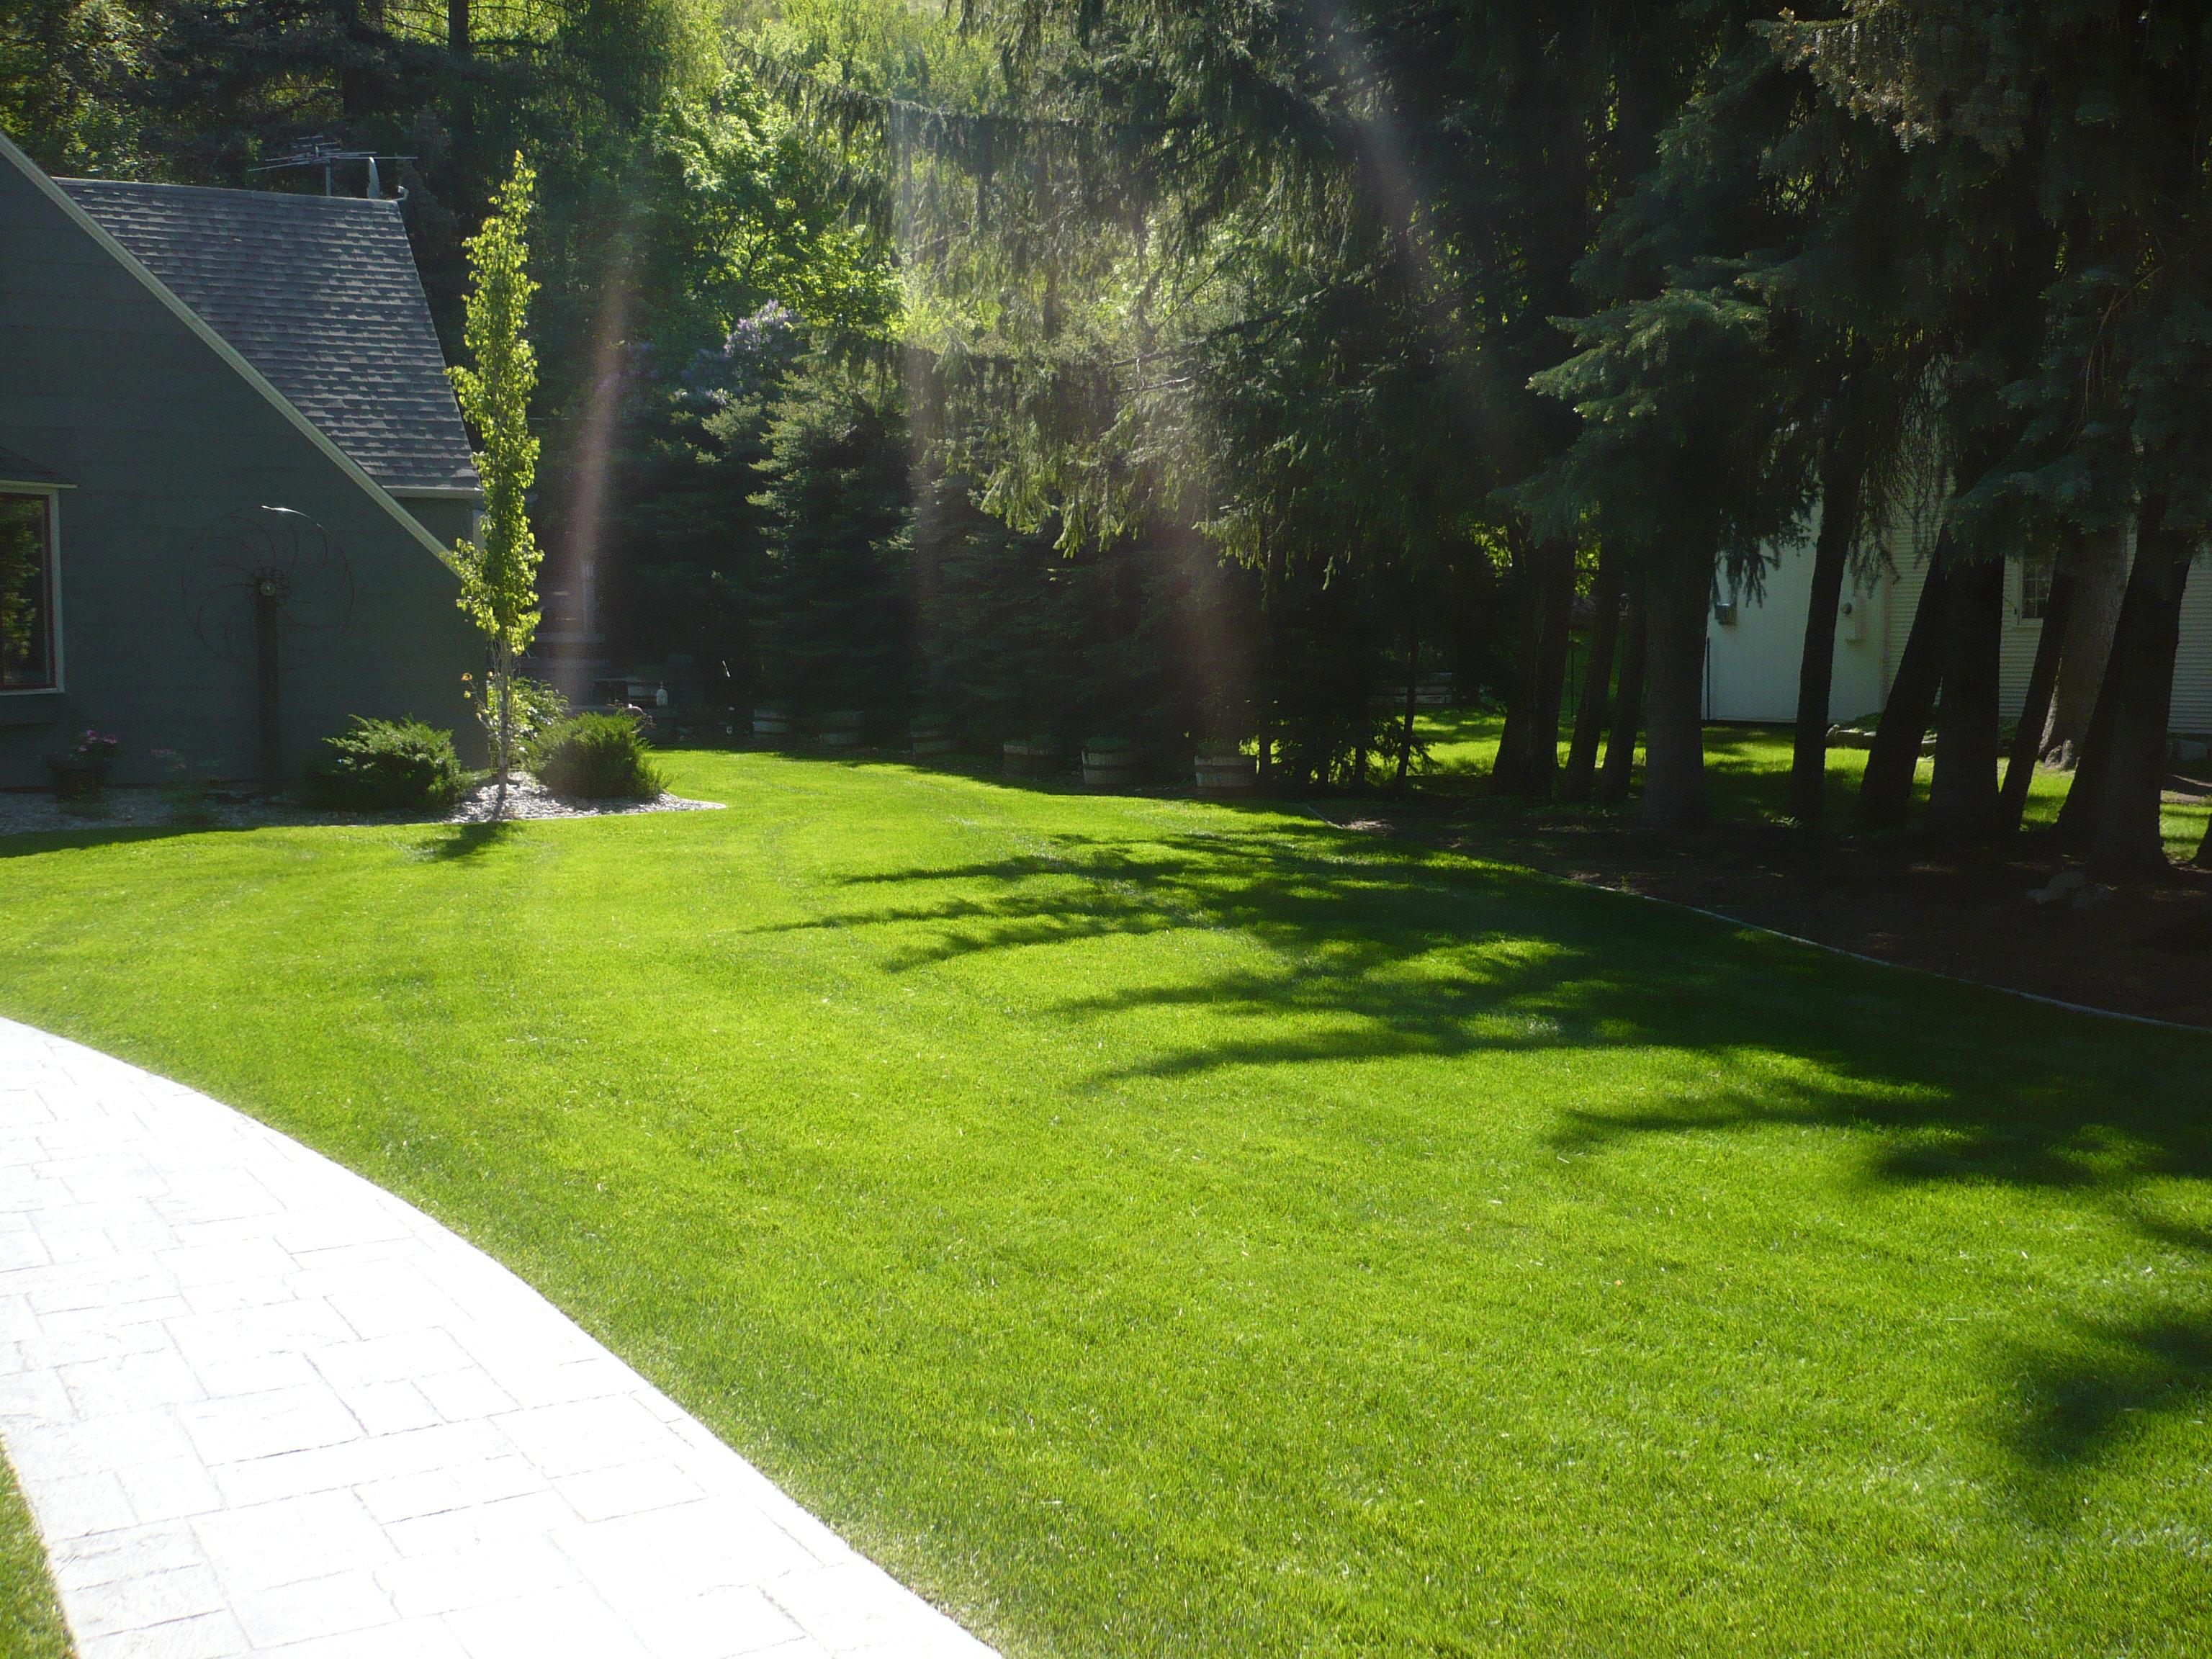 Green Grass Lawn Care Nebraska : Green grass mowed